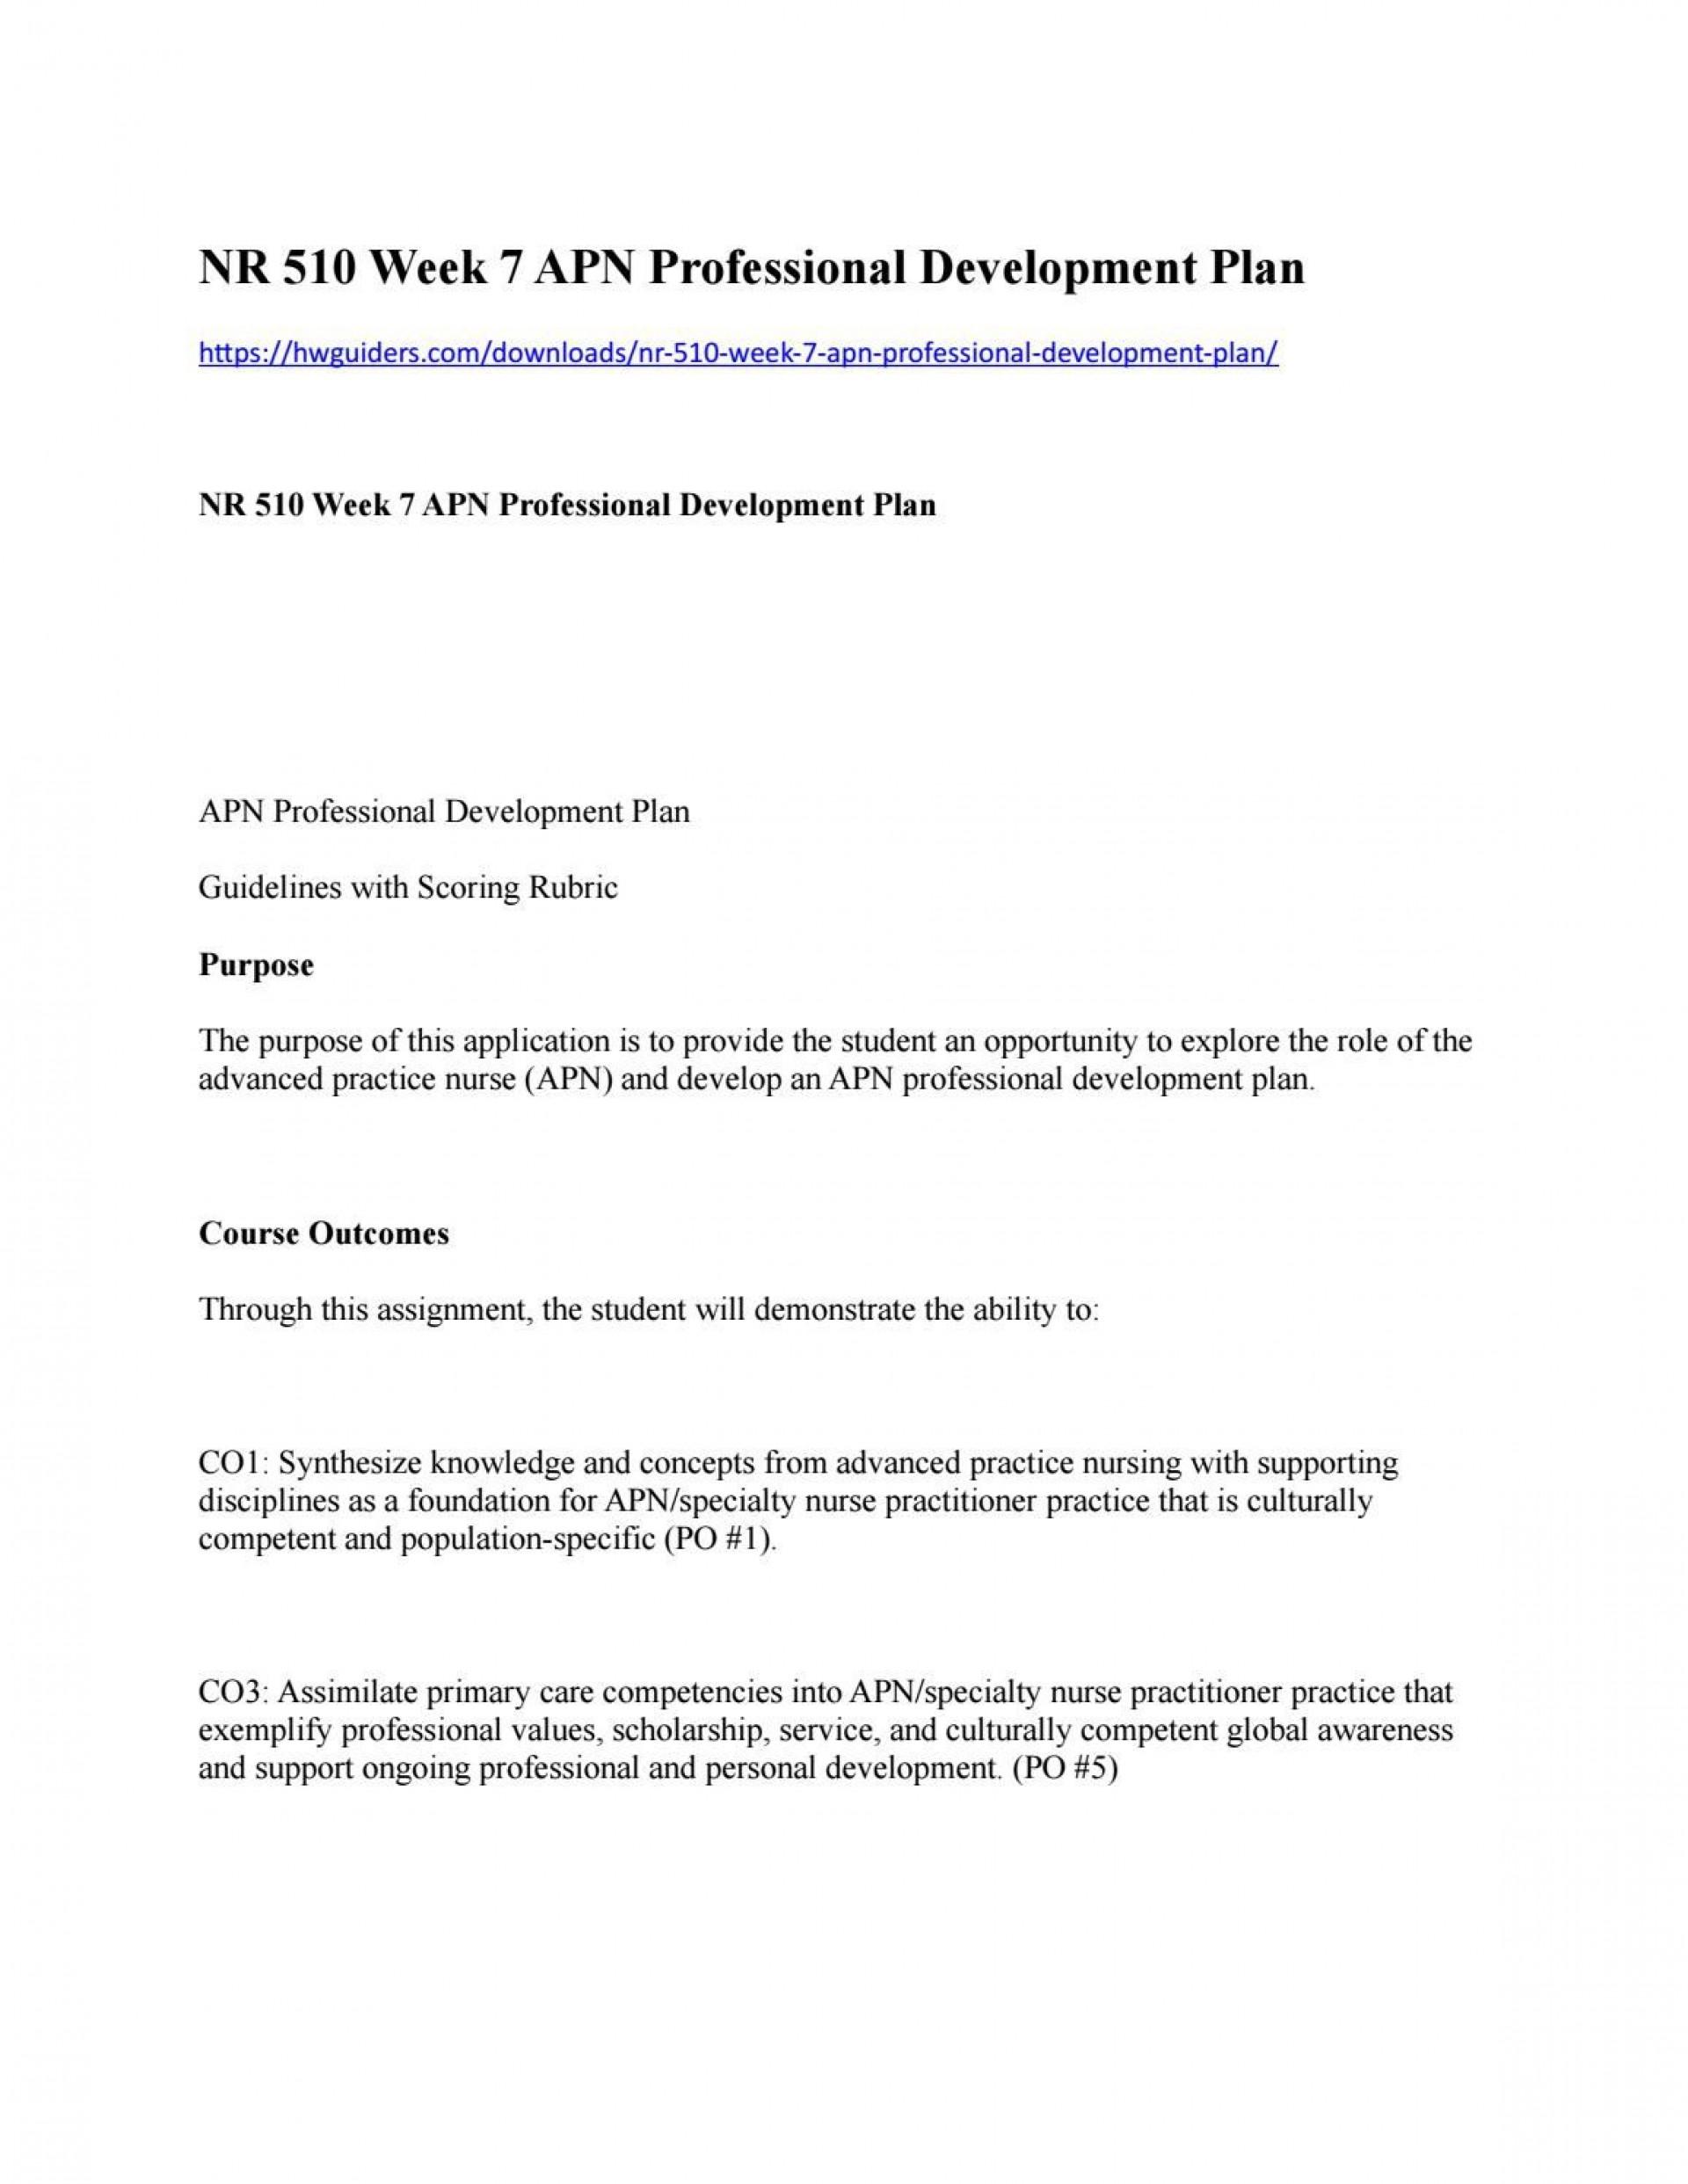 008 Surprising Professional Development Plan Template For Nurse Idea  Nurses Sample Goal Example1920